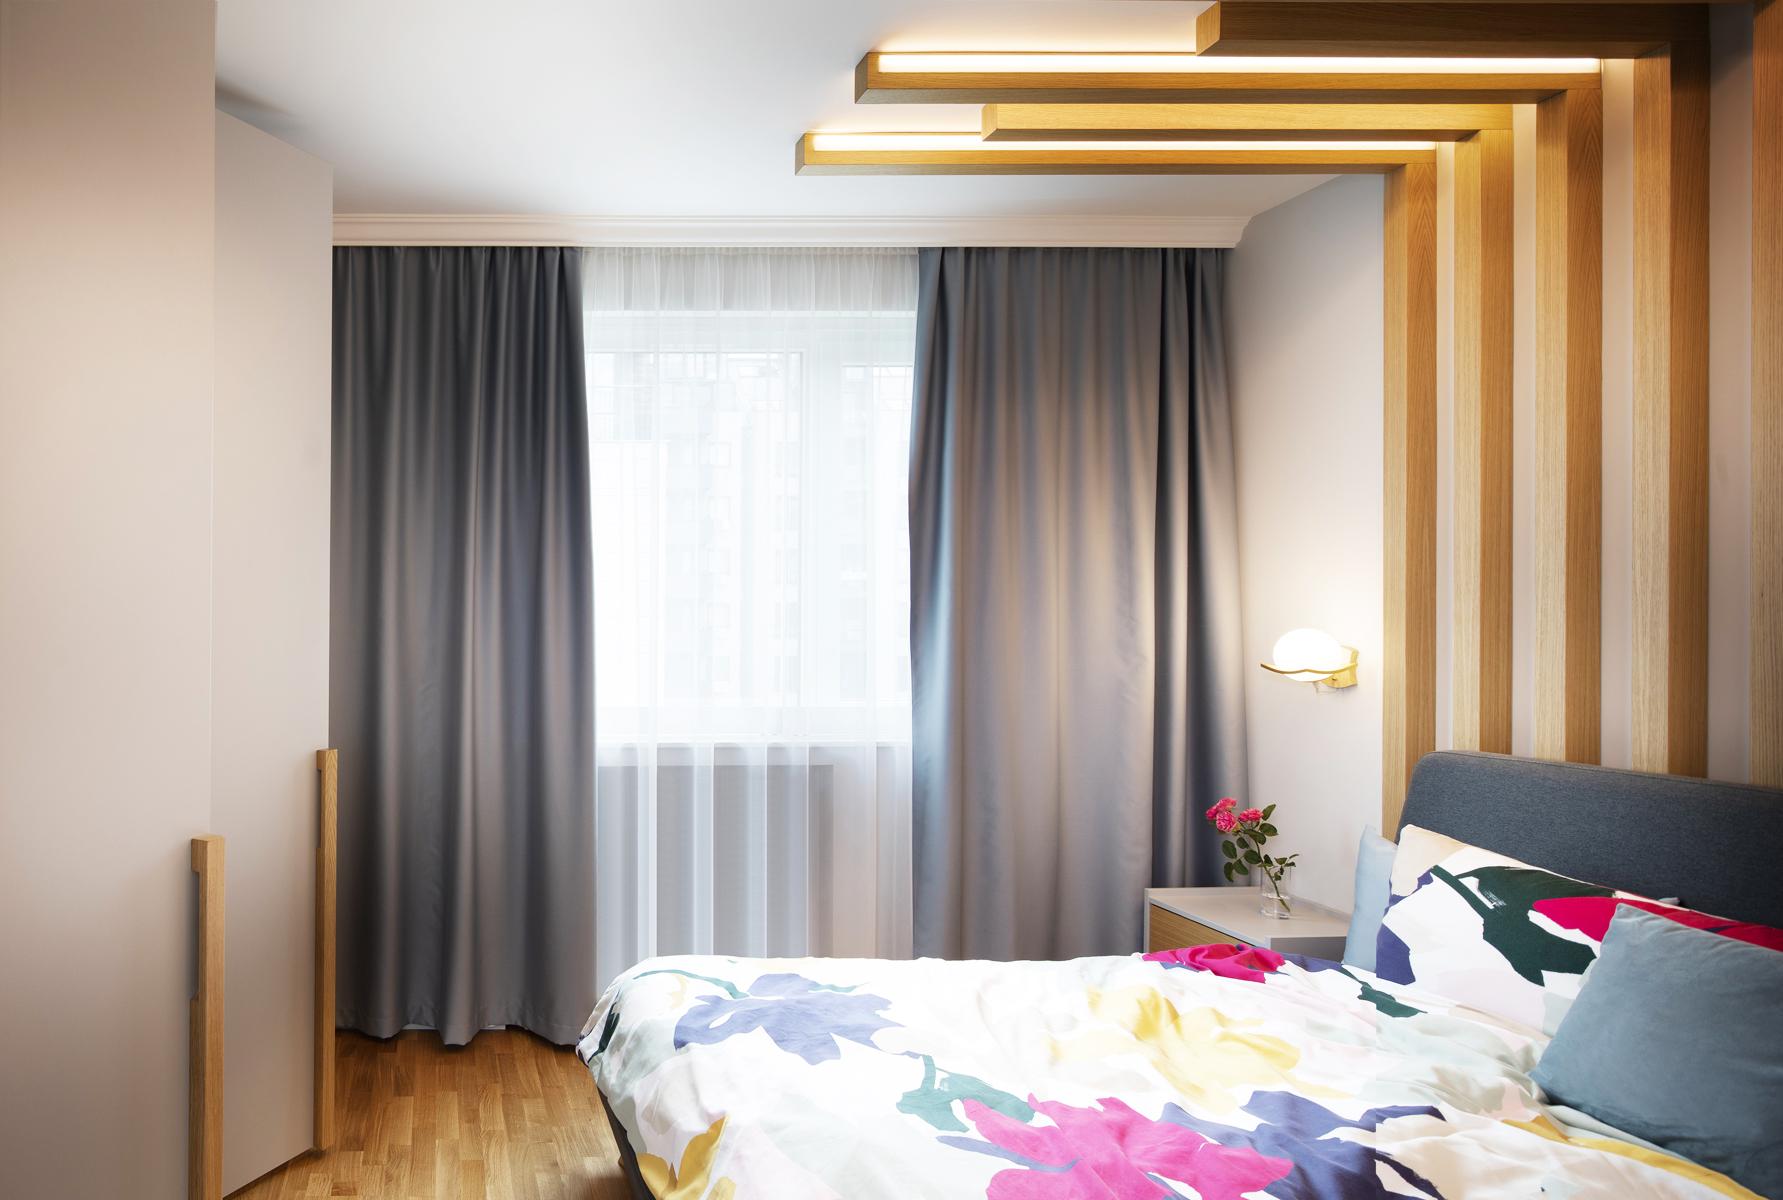 мебели за спалня, легло и дрепник в спалня